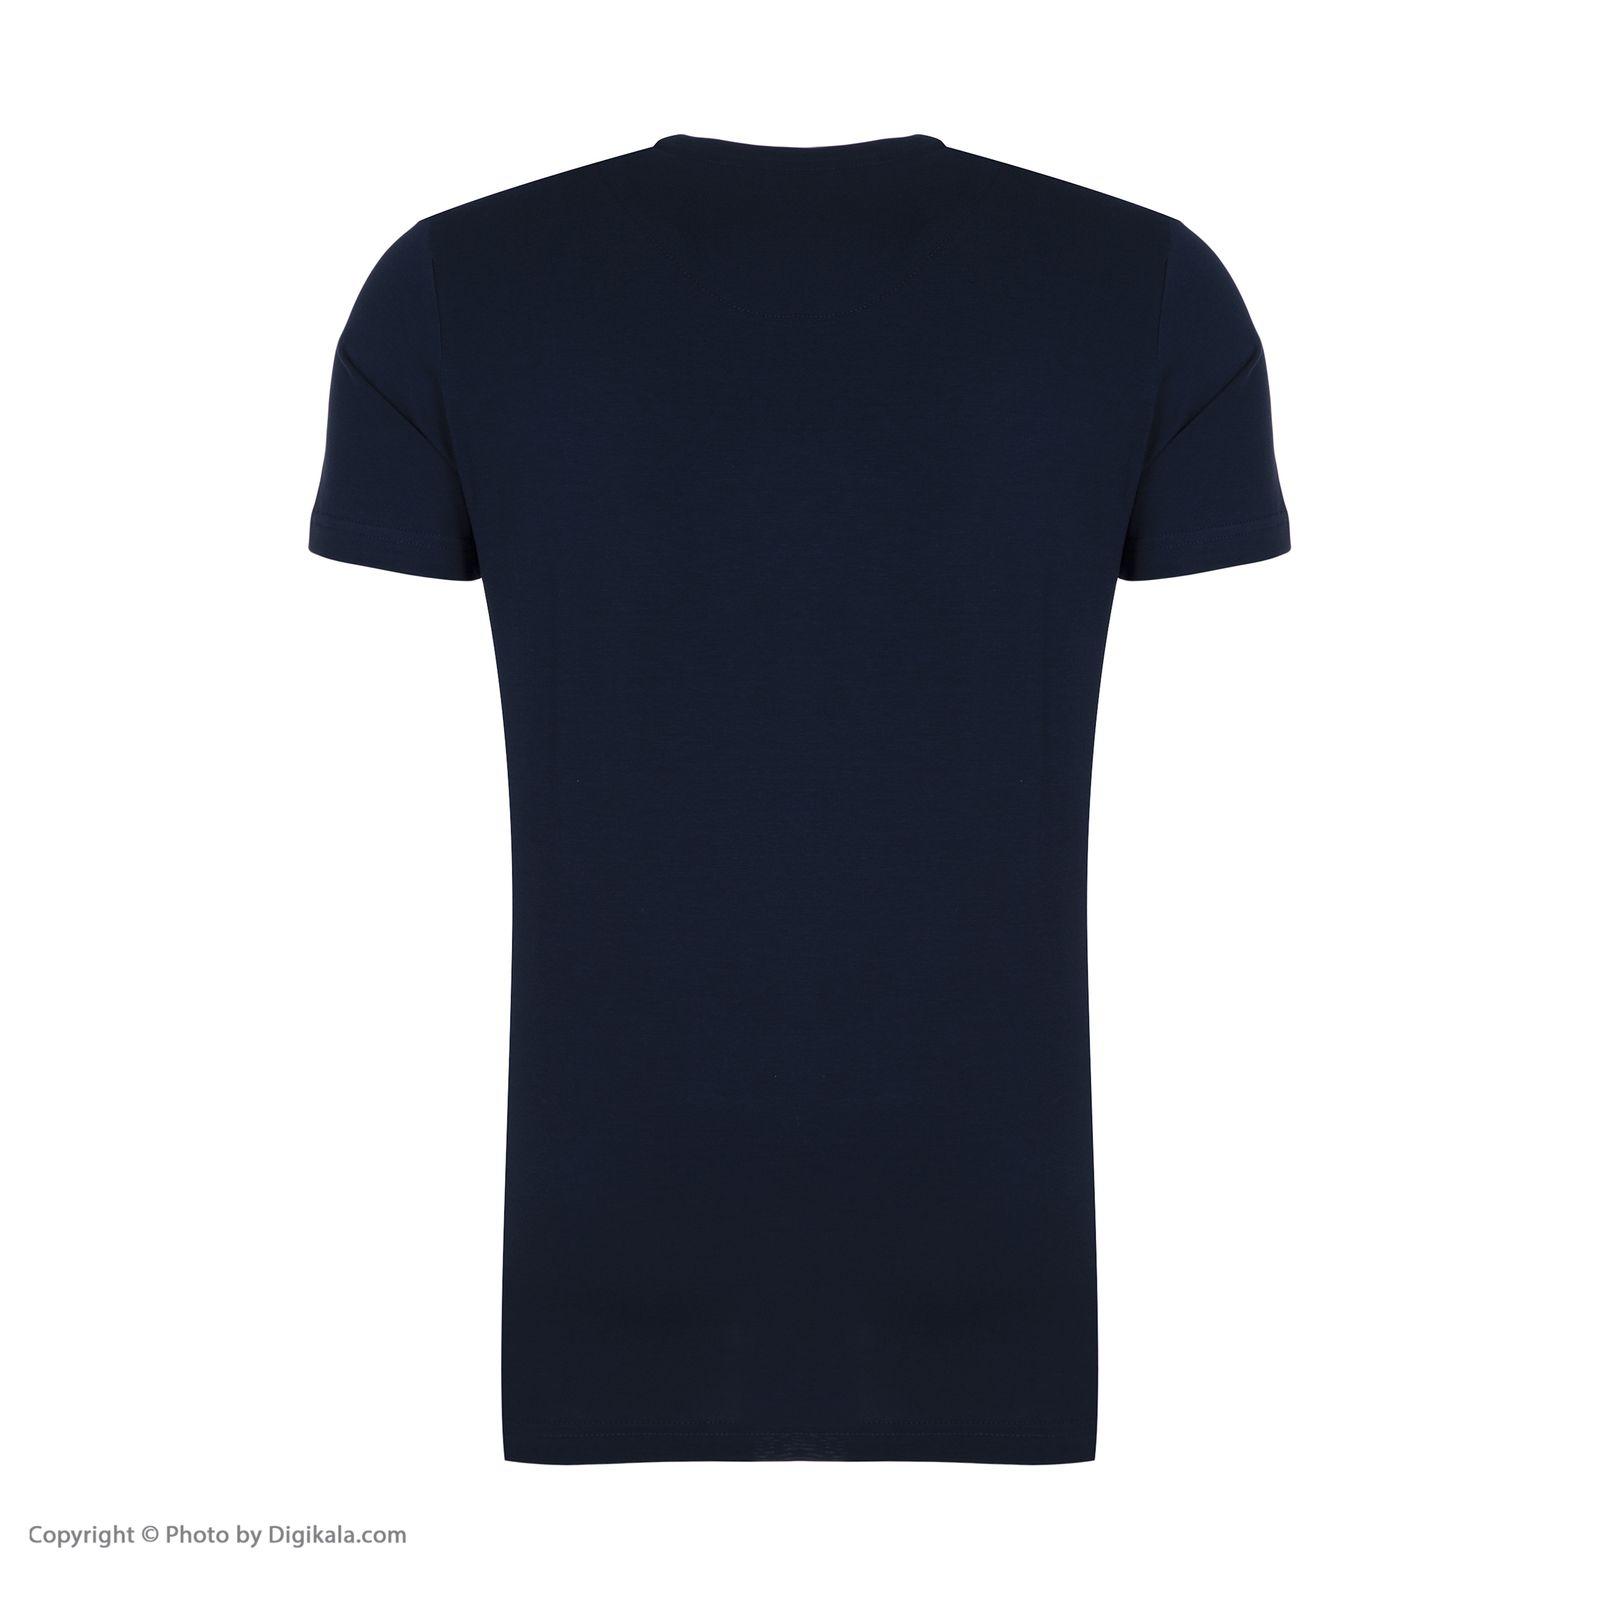 تیشرت مردانه جامه پوش آرا مدل 4011019355-59 -  - 5